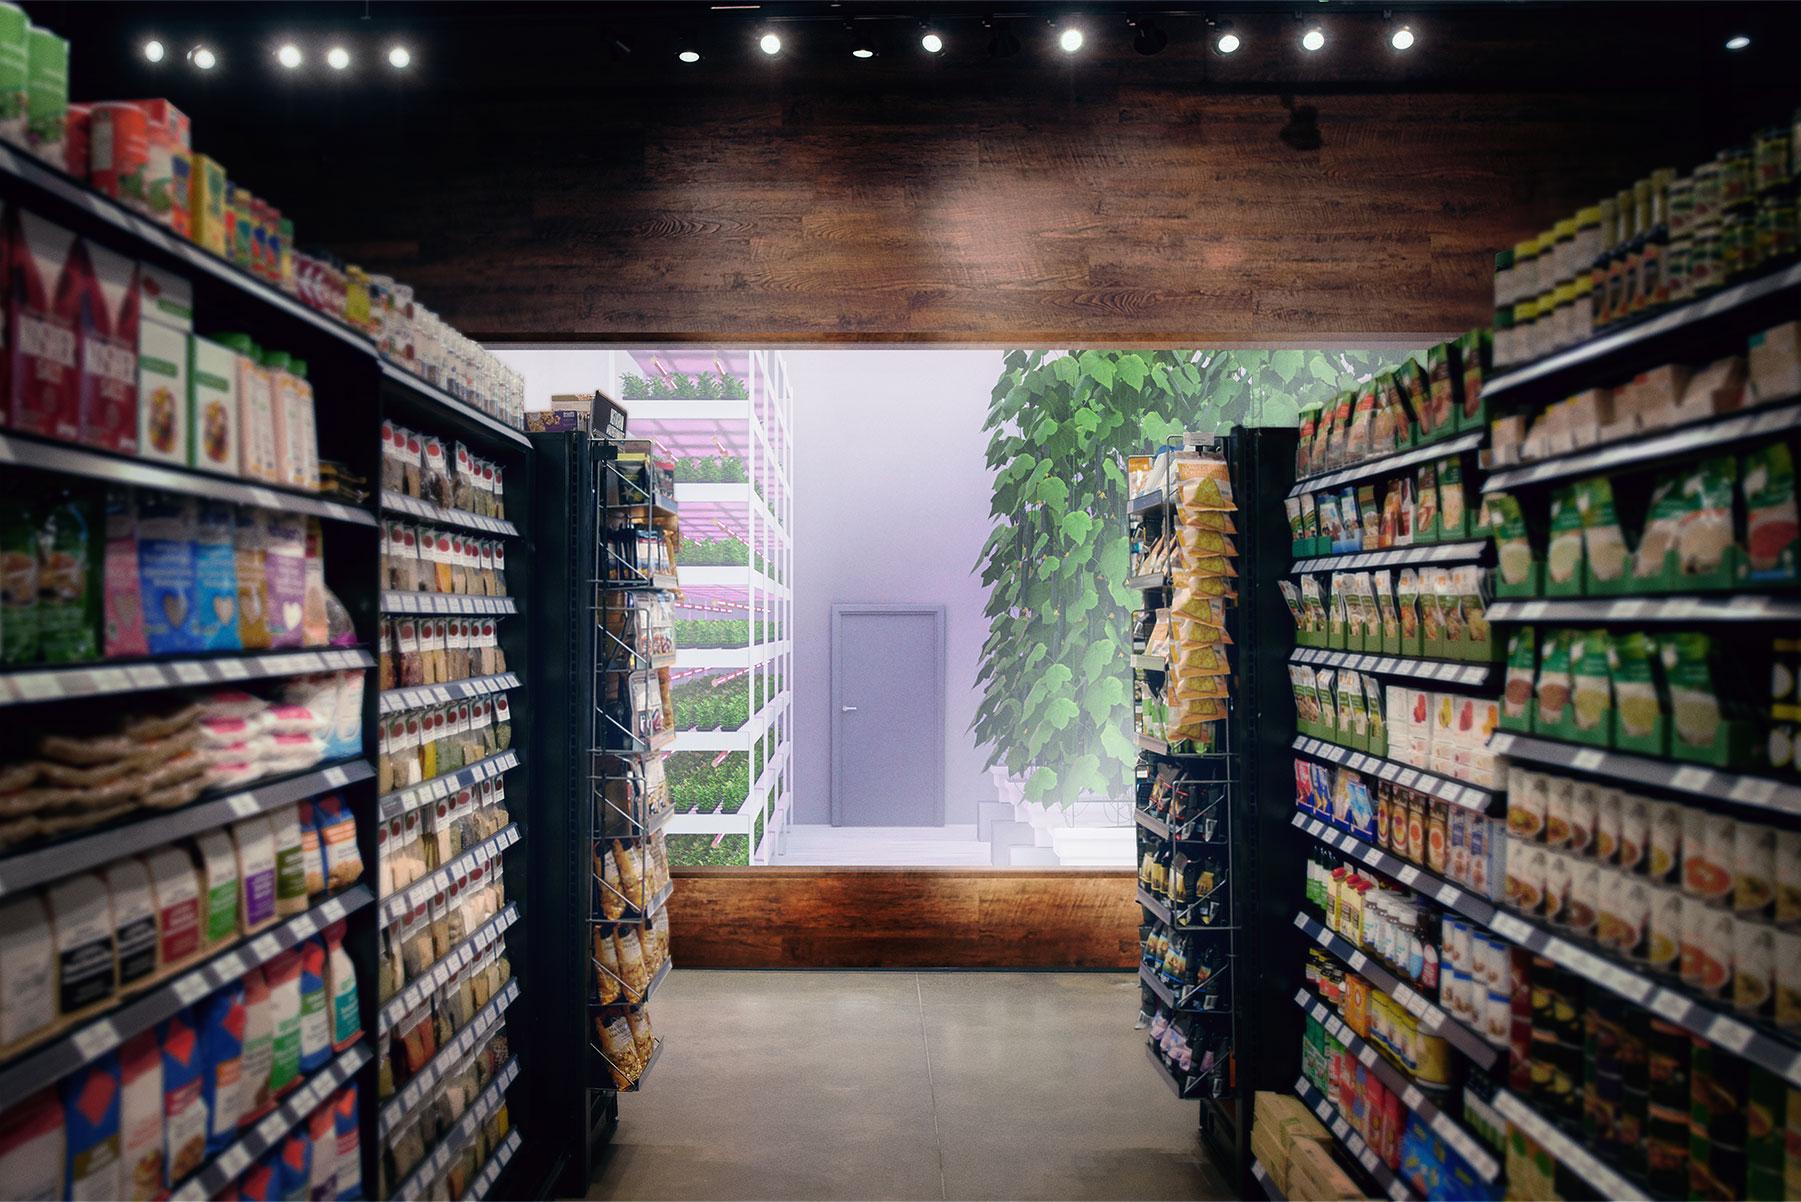 Agtira InStore med odling av gurka inomhus direkt i butik